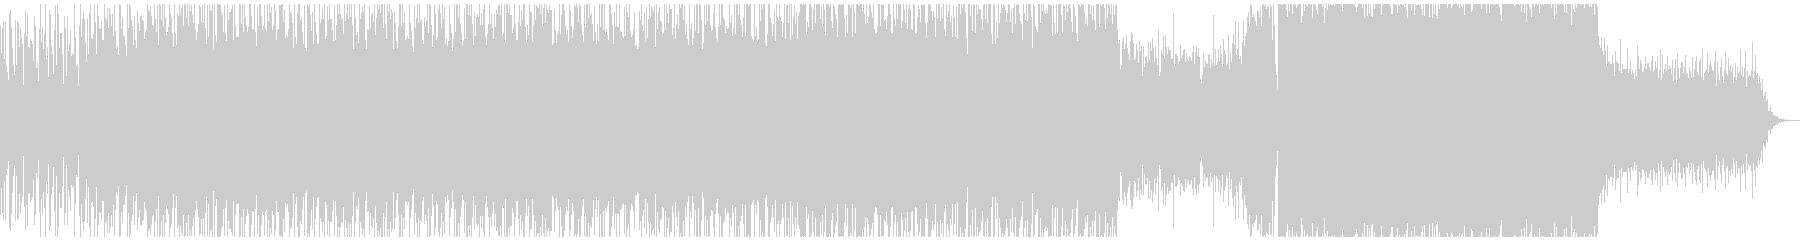 かっこいい かわいい 切ない エレクトロの未再生の波形